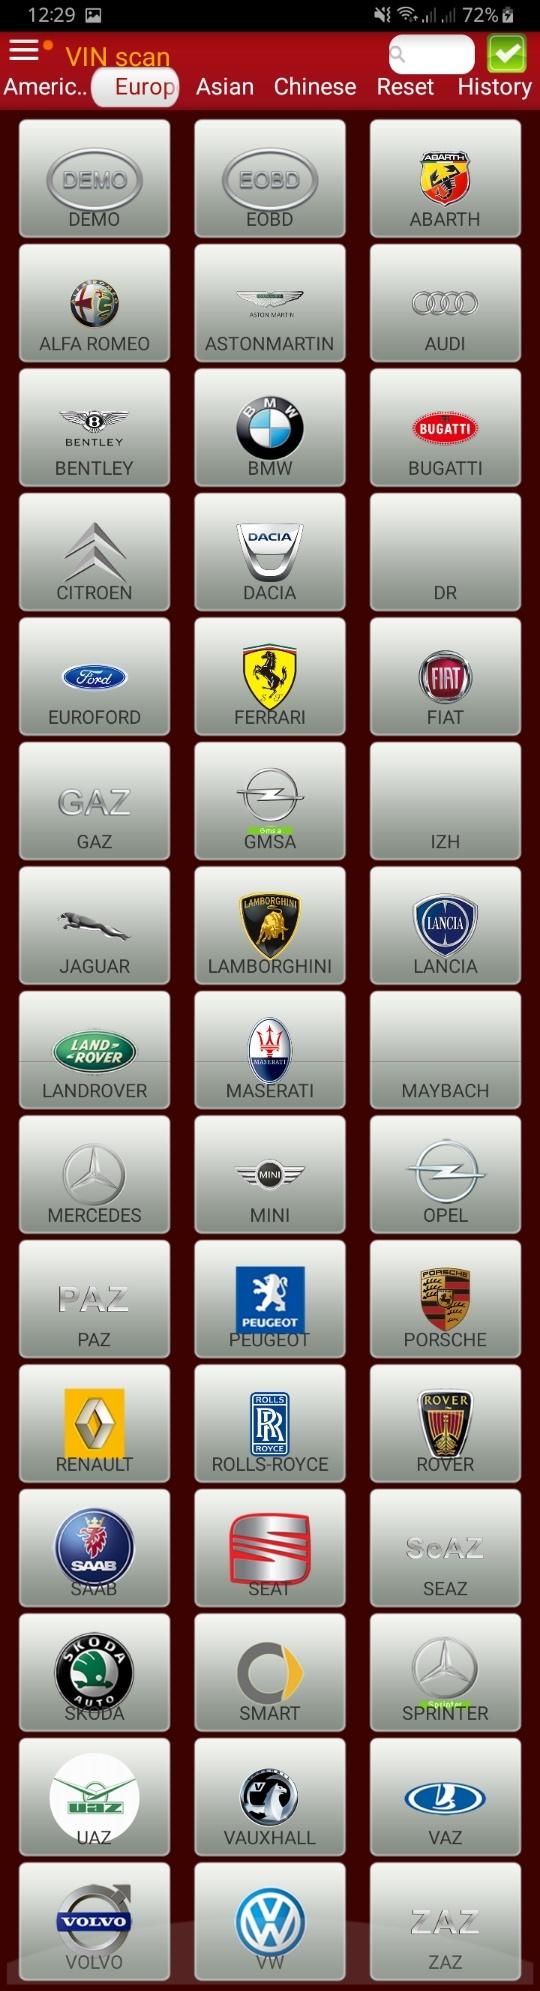 تجربة شراء EasyDiag 3.0 لفحص وتشخيص اعطال السيارات7